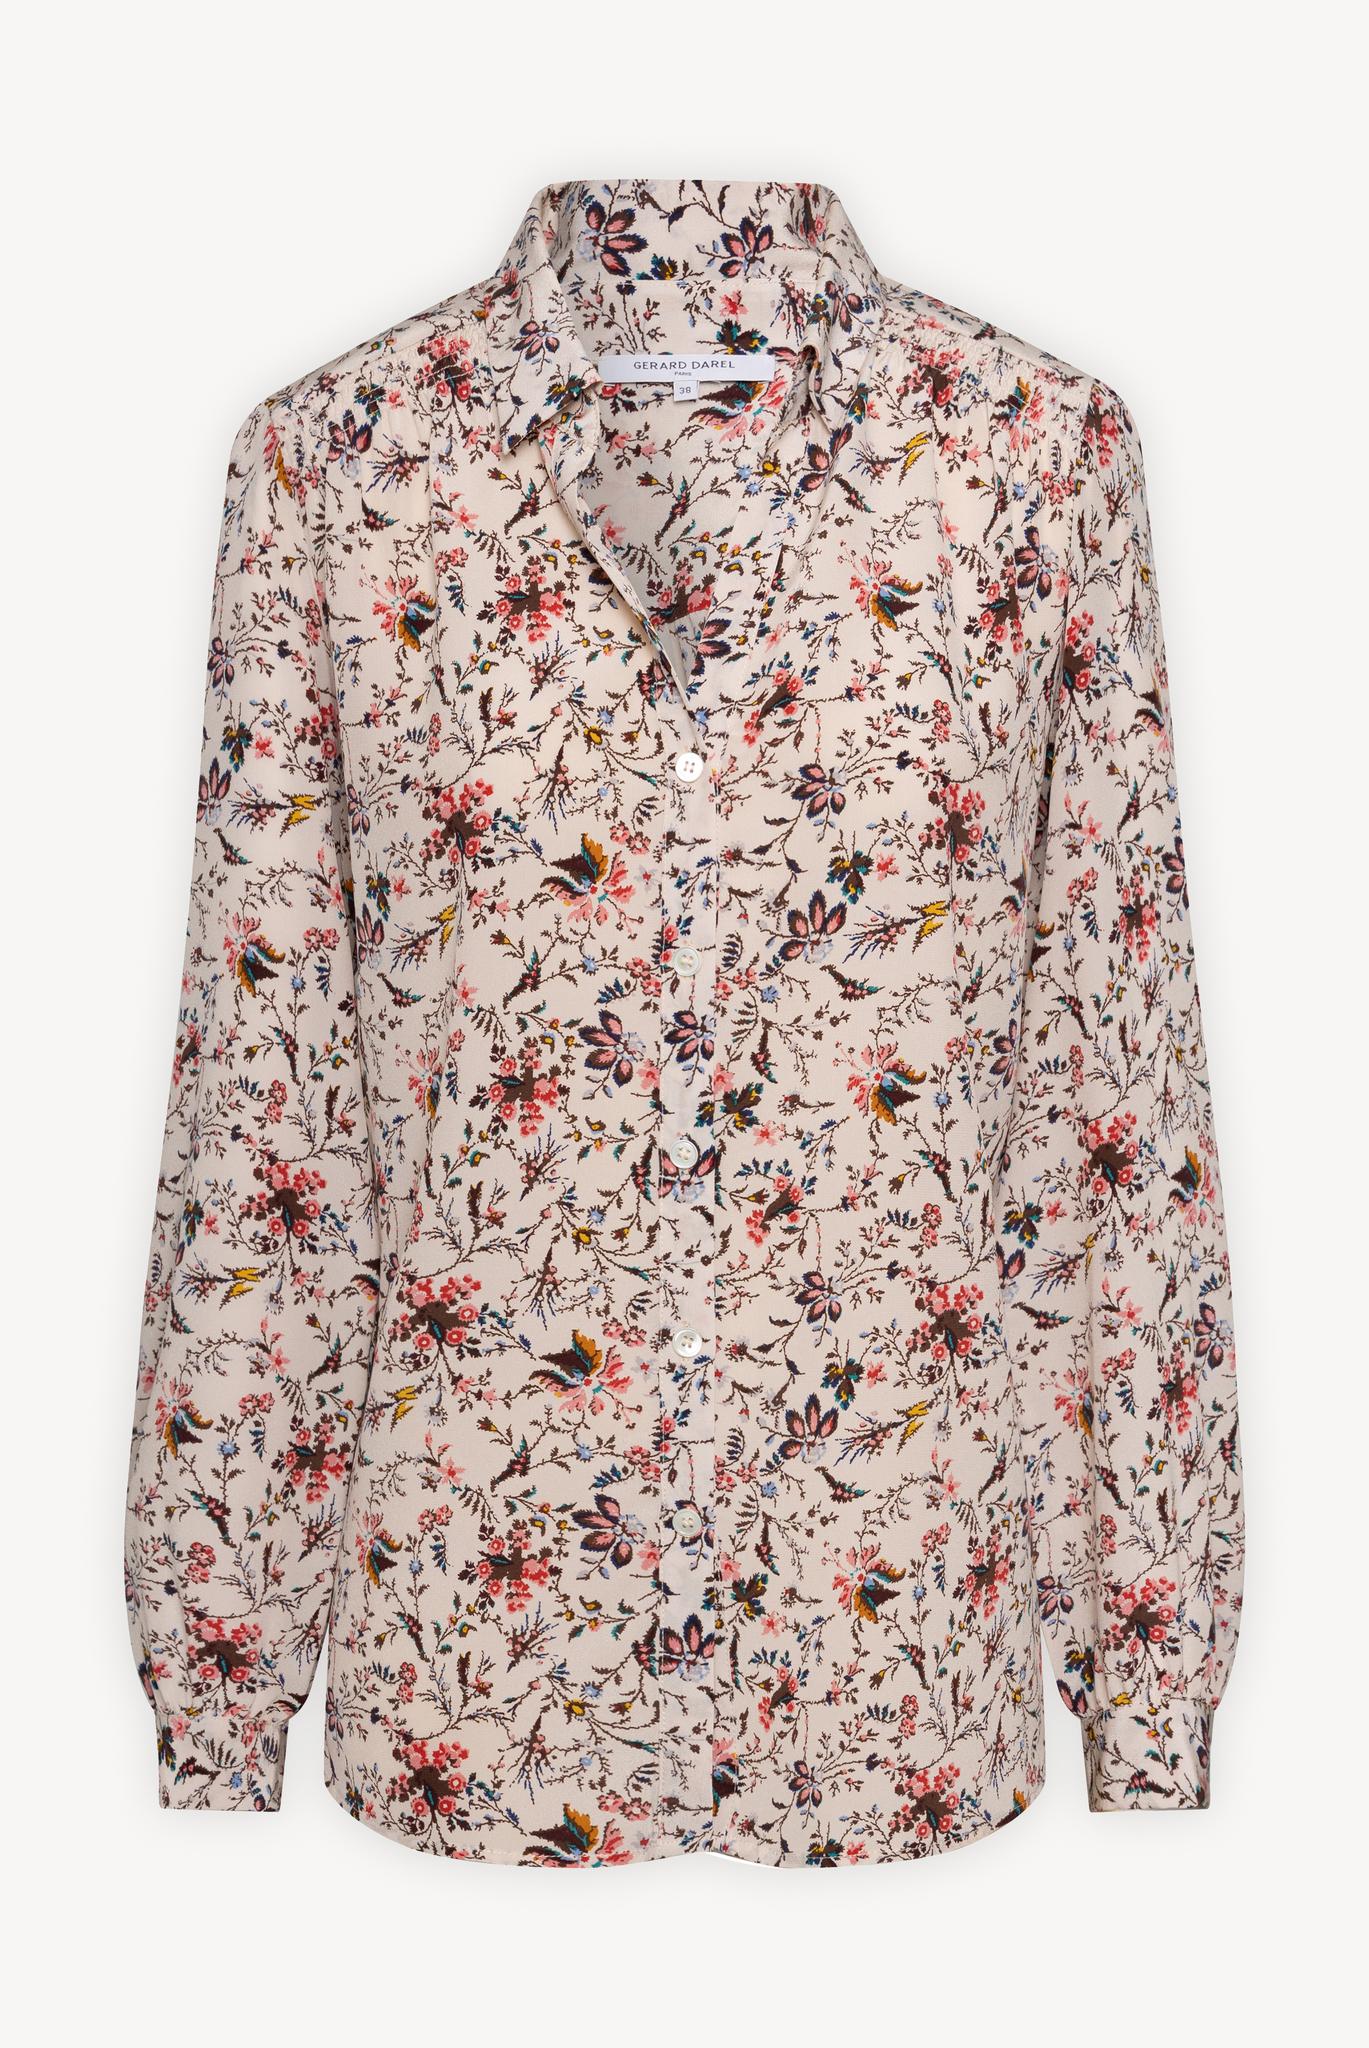 NICKY - Шелковая рубашка